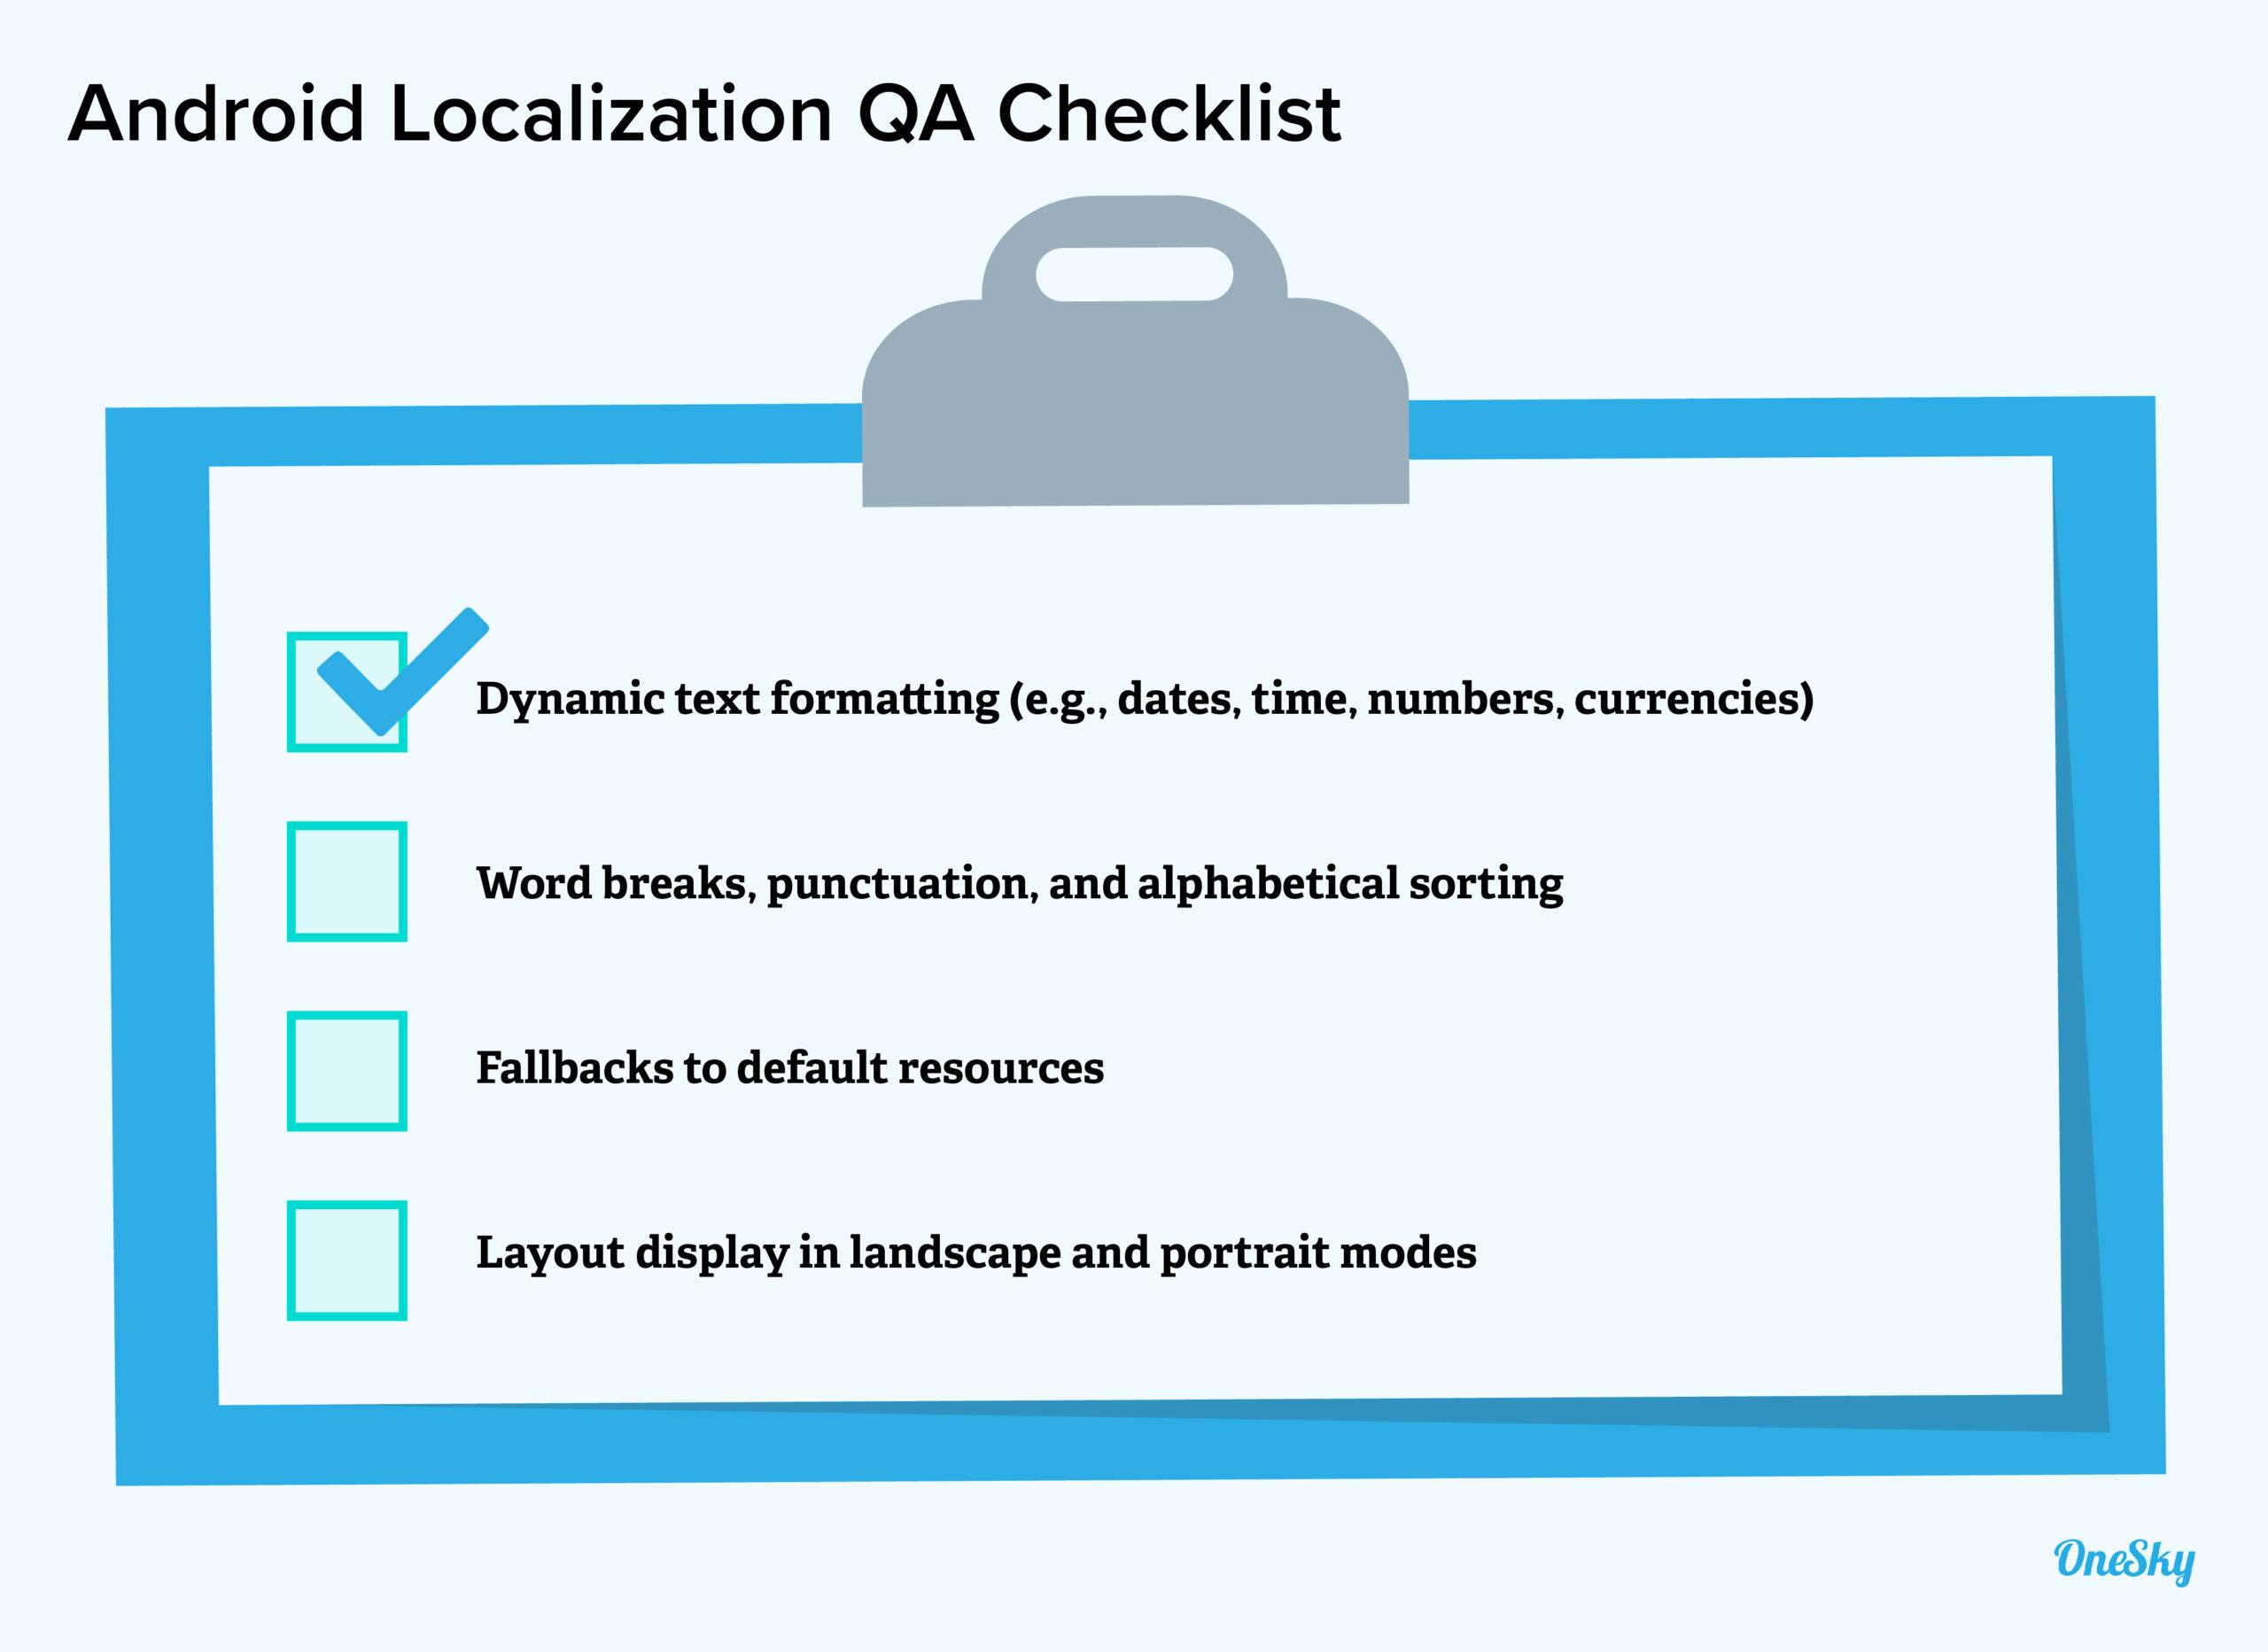 android localization qa checklist